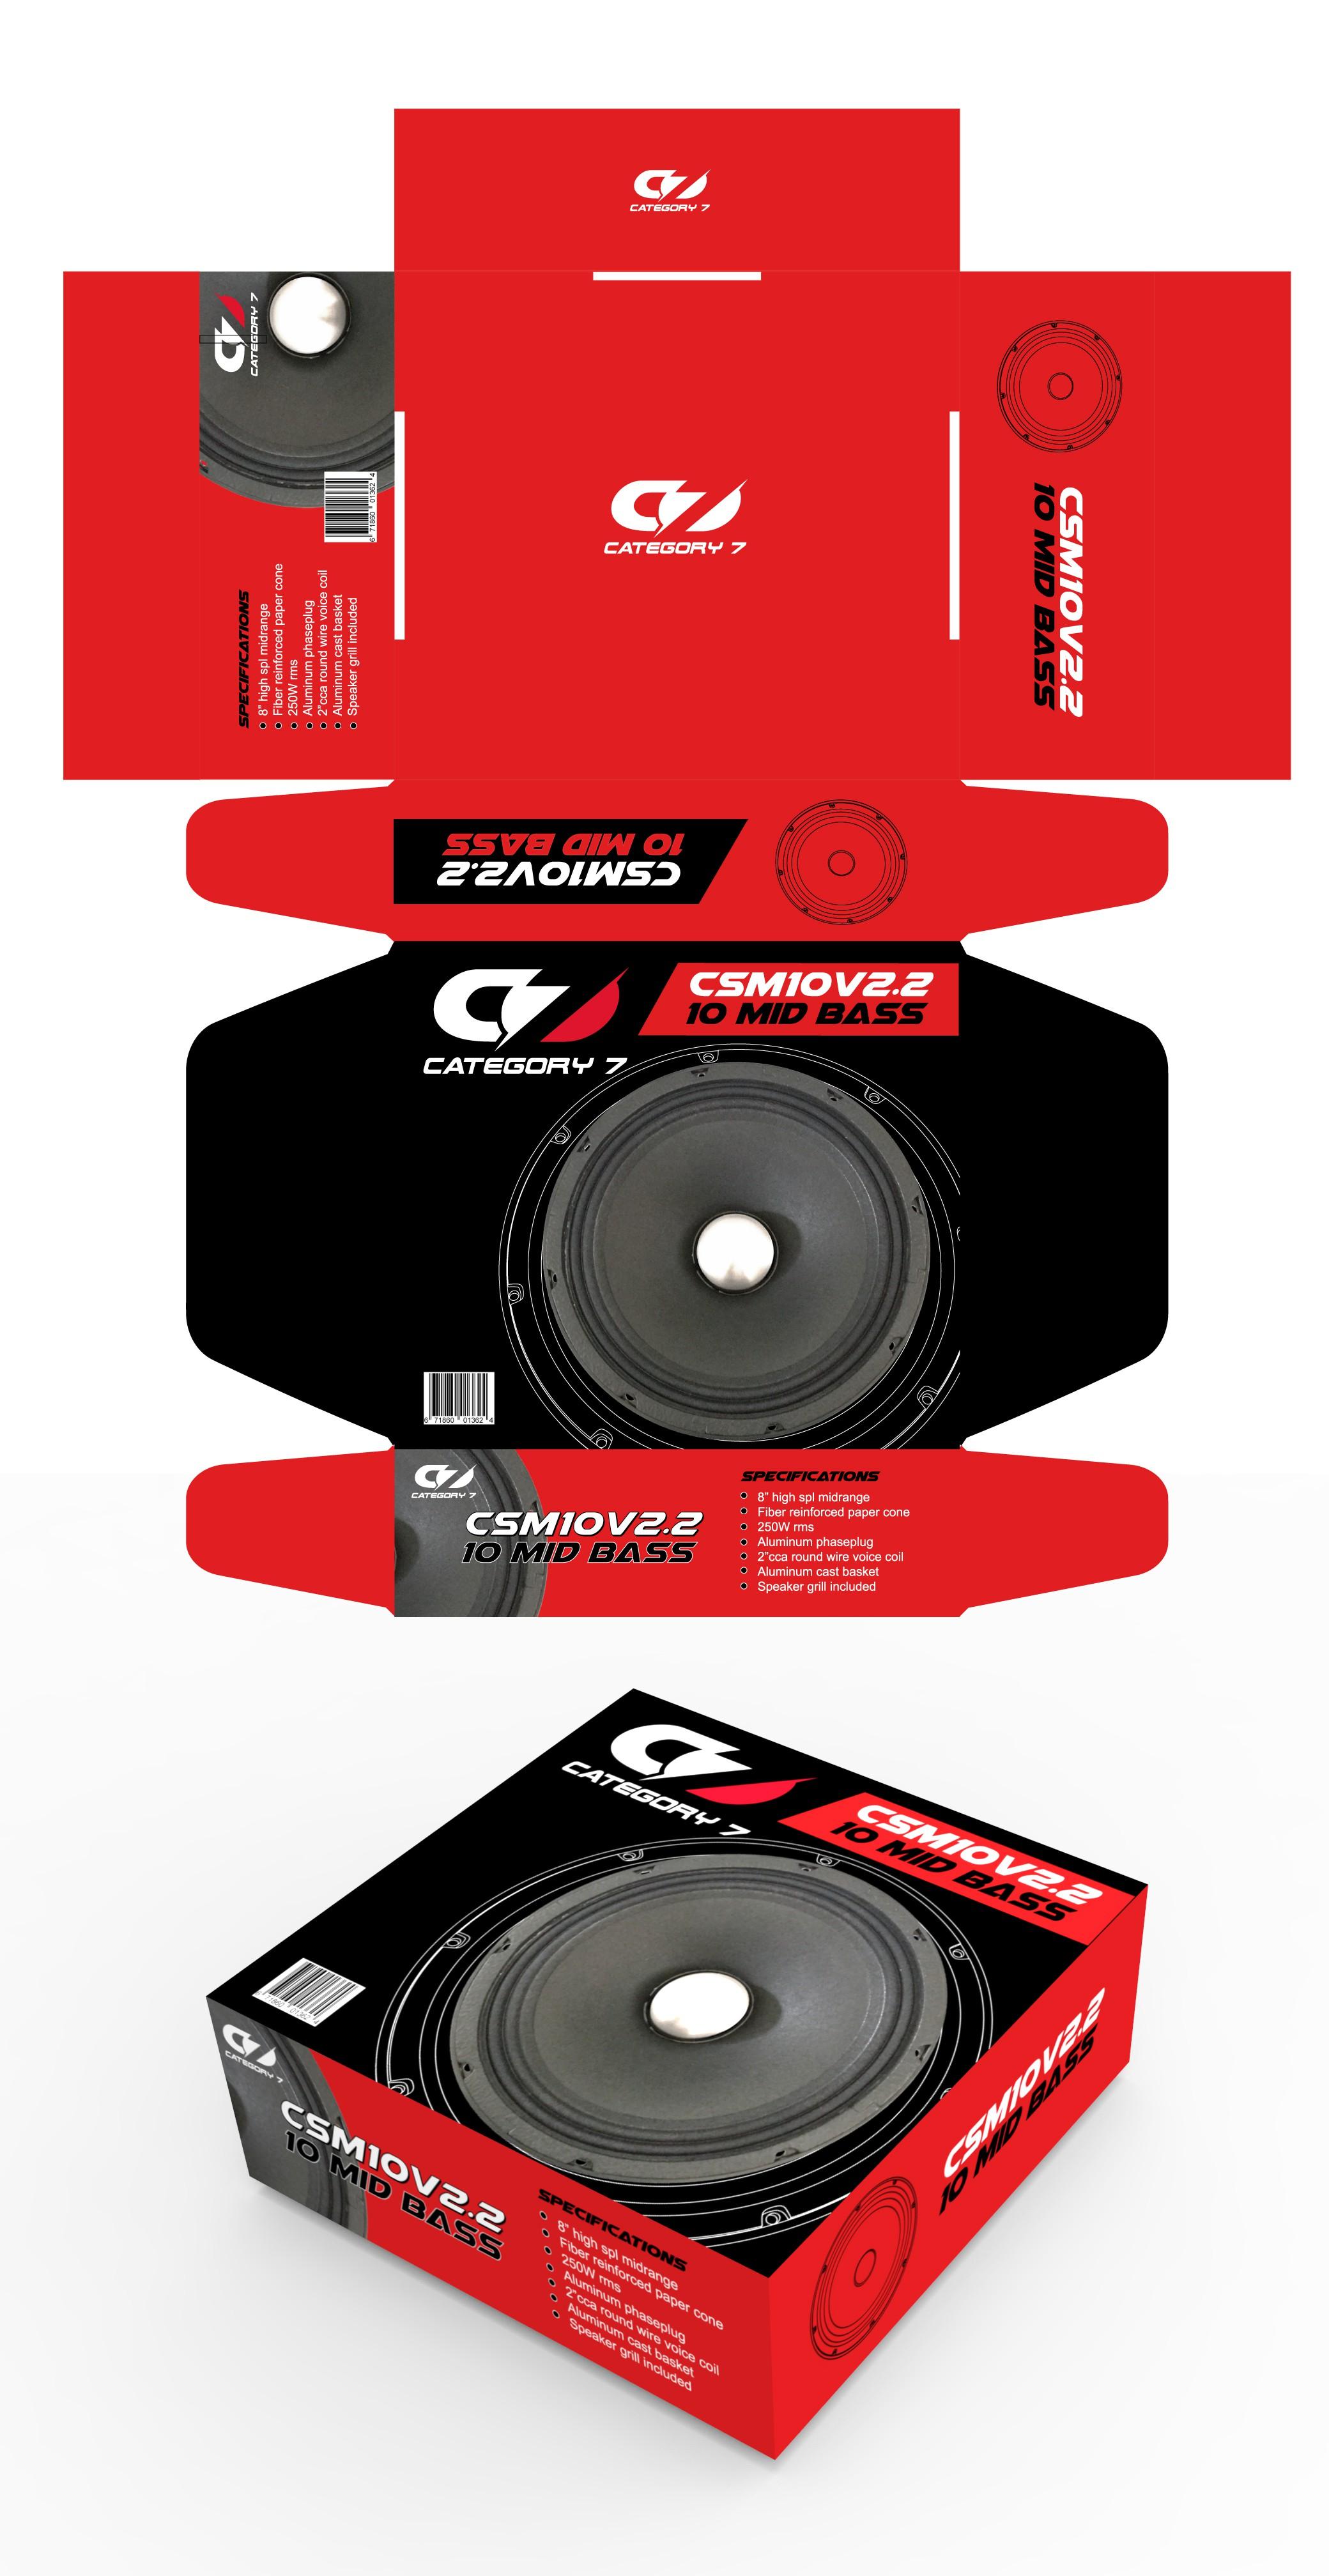 Speaker packaging design